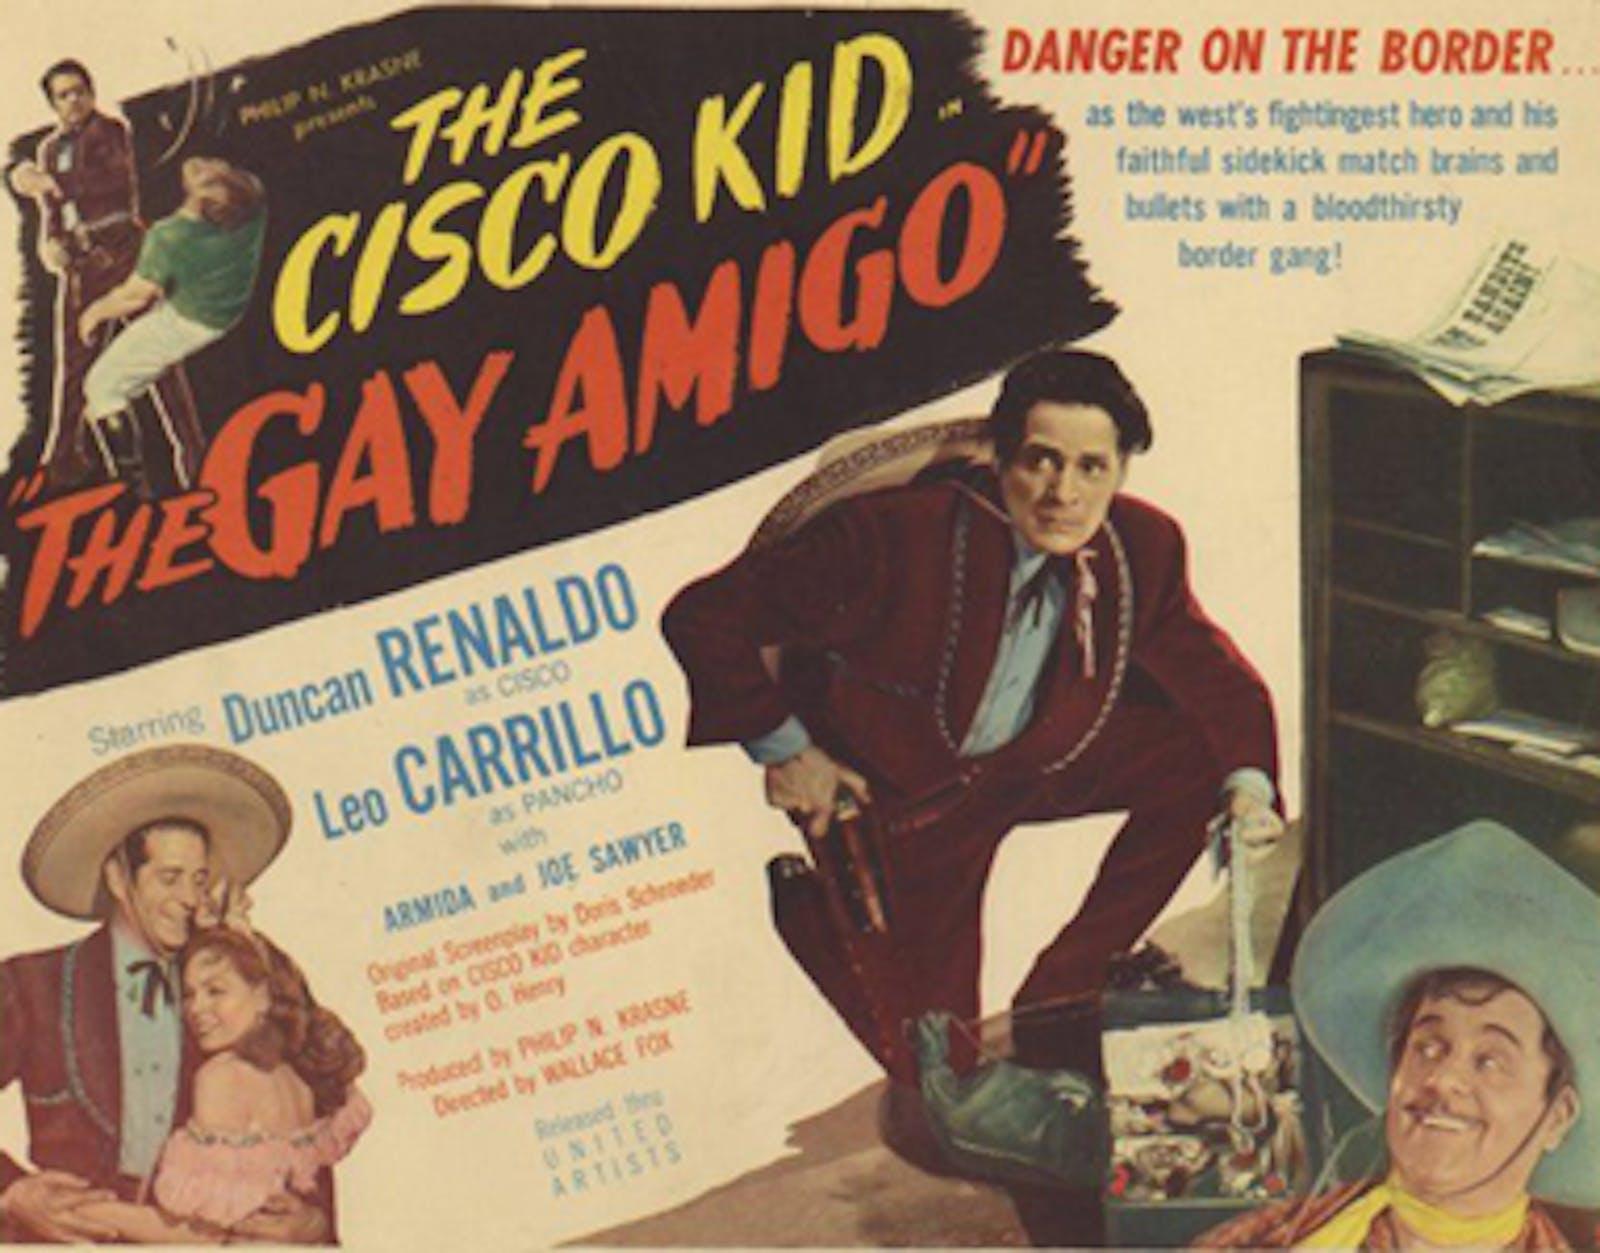 The Gay Amigo lobby card